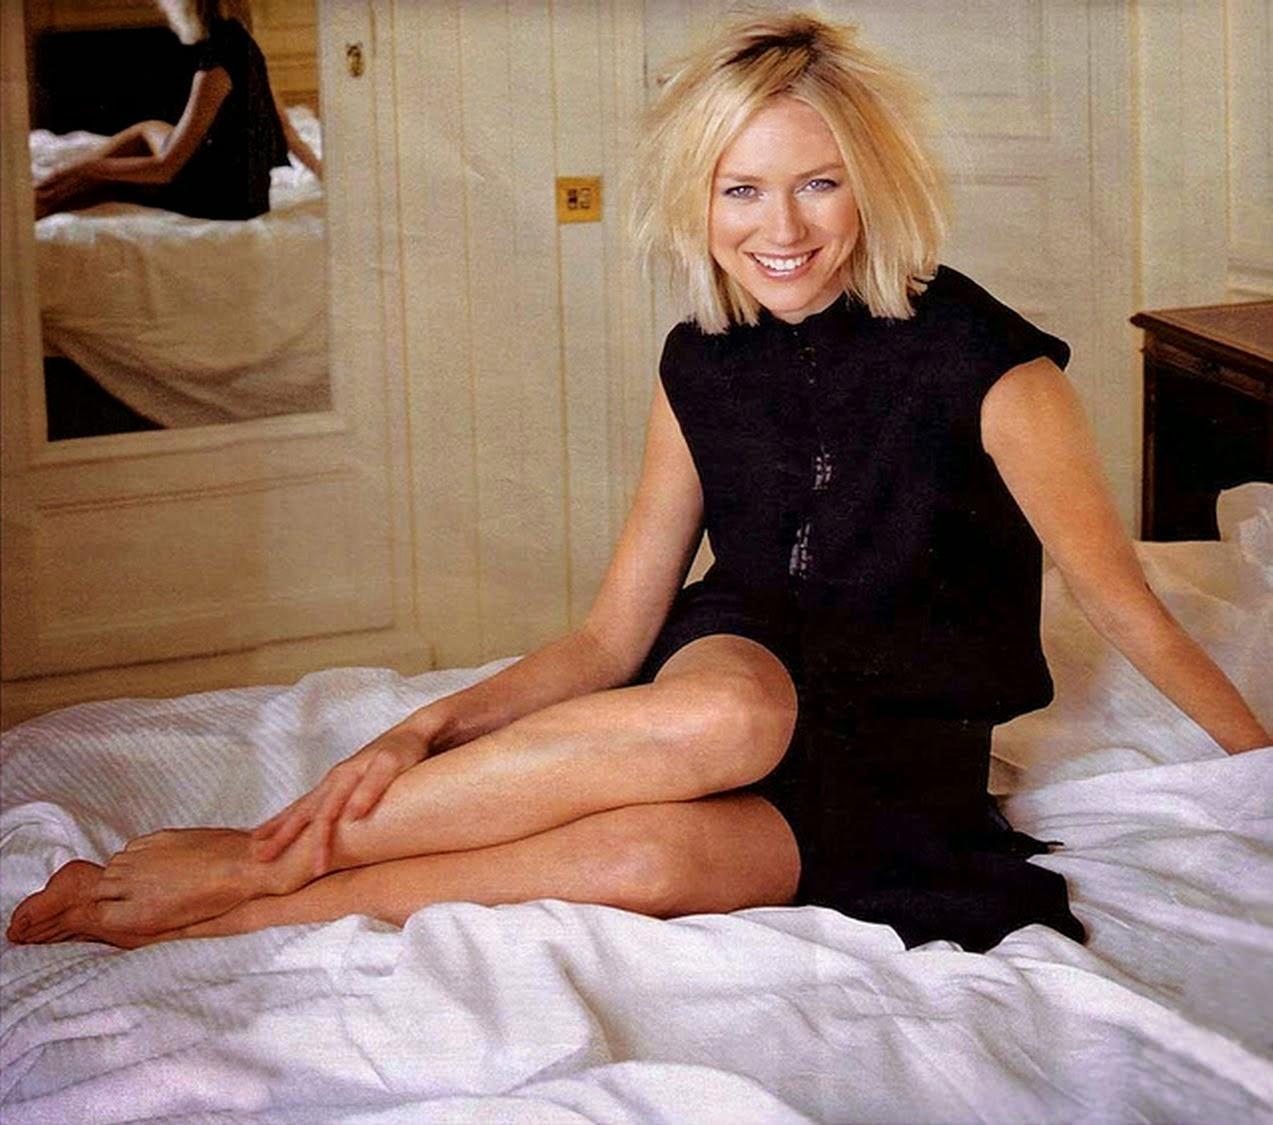 Naomi Watts Feet 2014 Hot Famous Celebrities